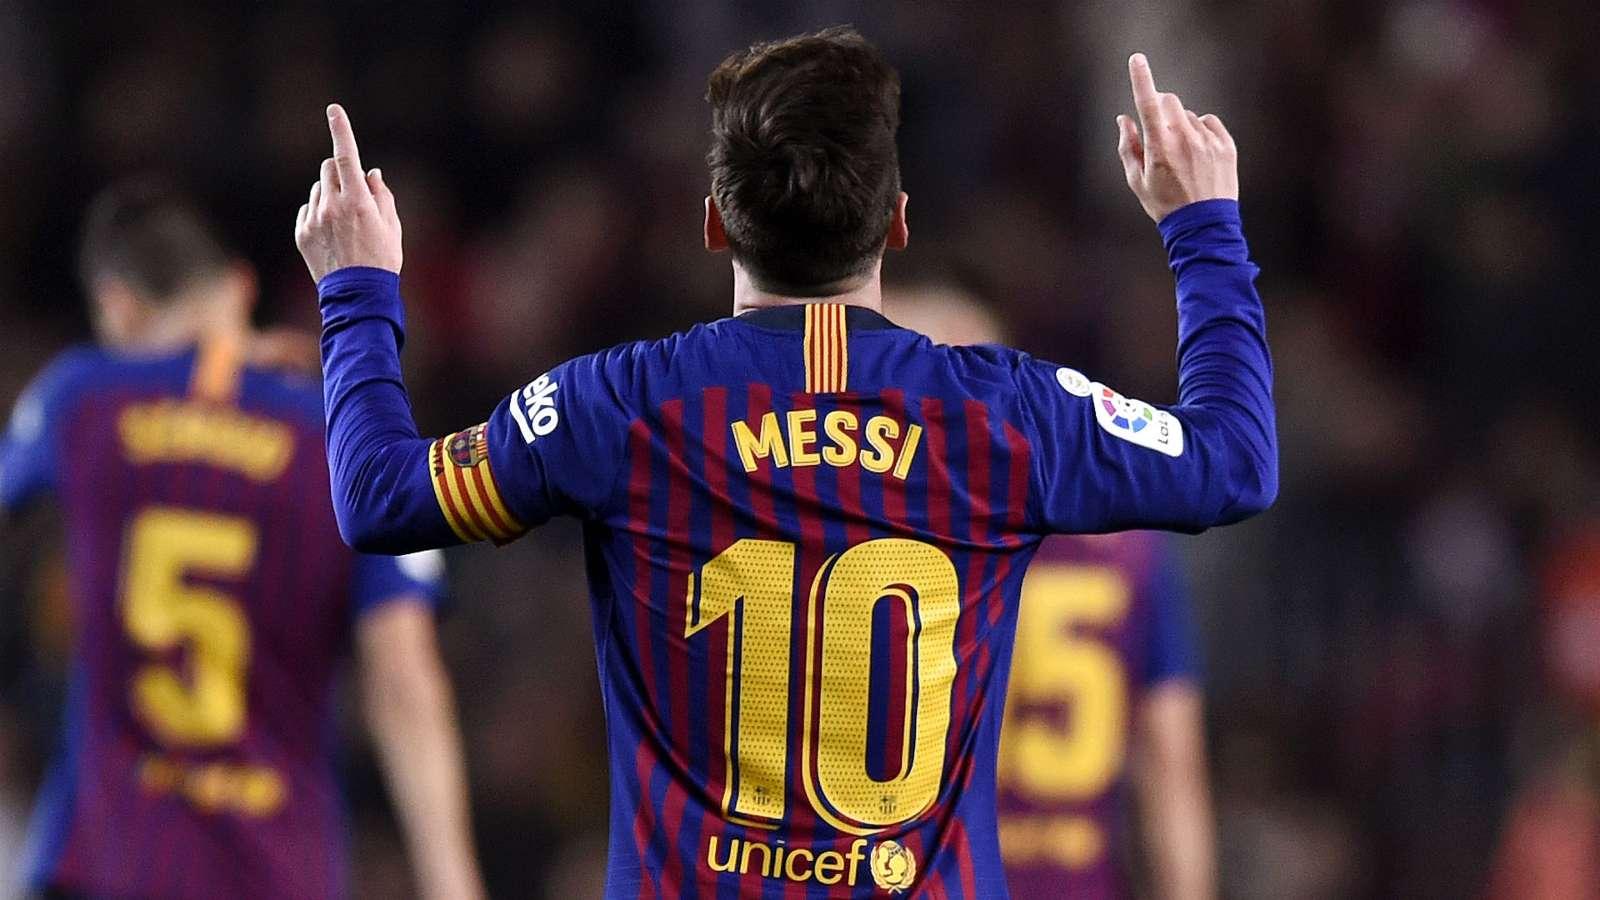 lionelmessicropped 7e9jebzo9v3l17d856uiay216 - Barcelona vs Celta Vigo 2-0: LaLiga Highlights [Video]